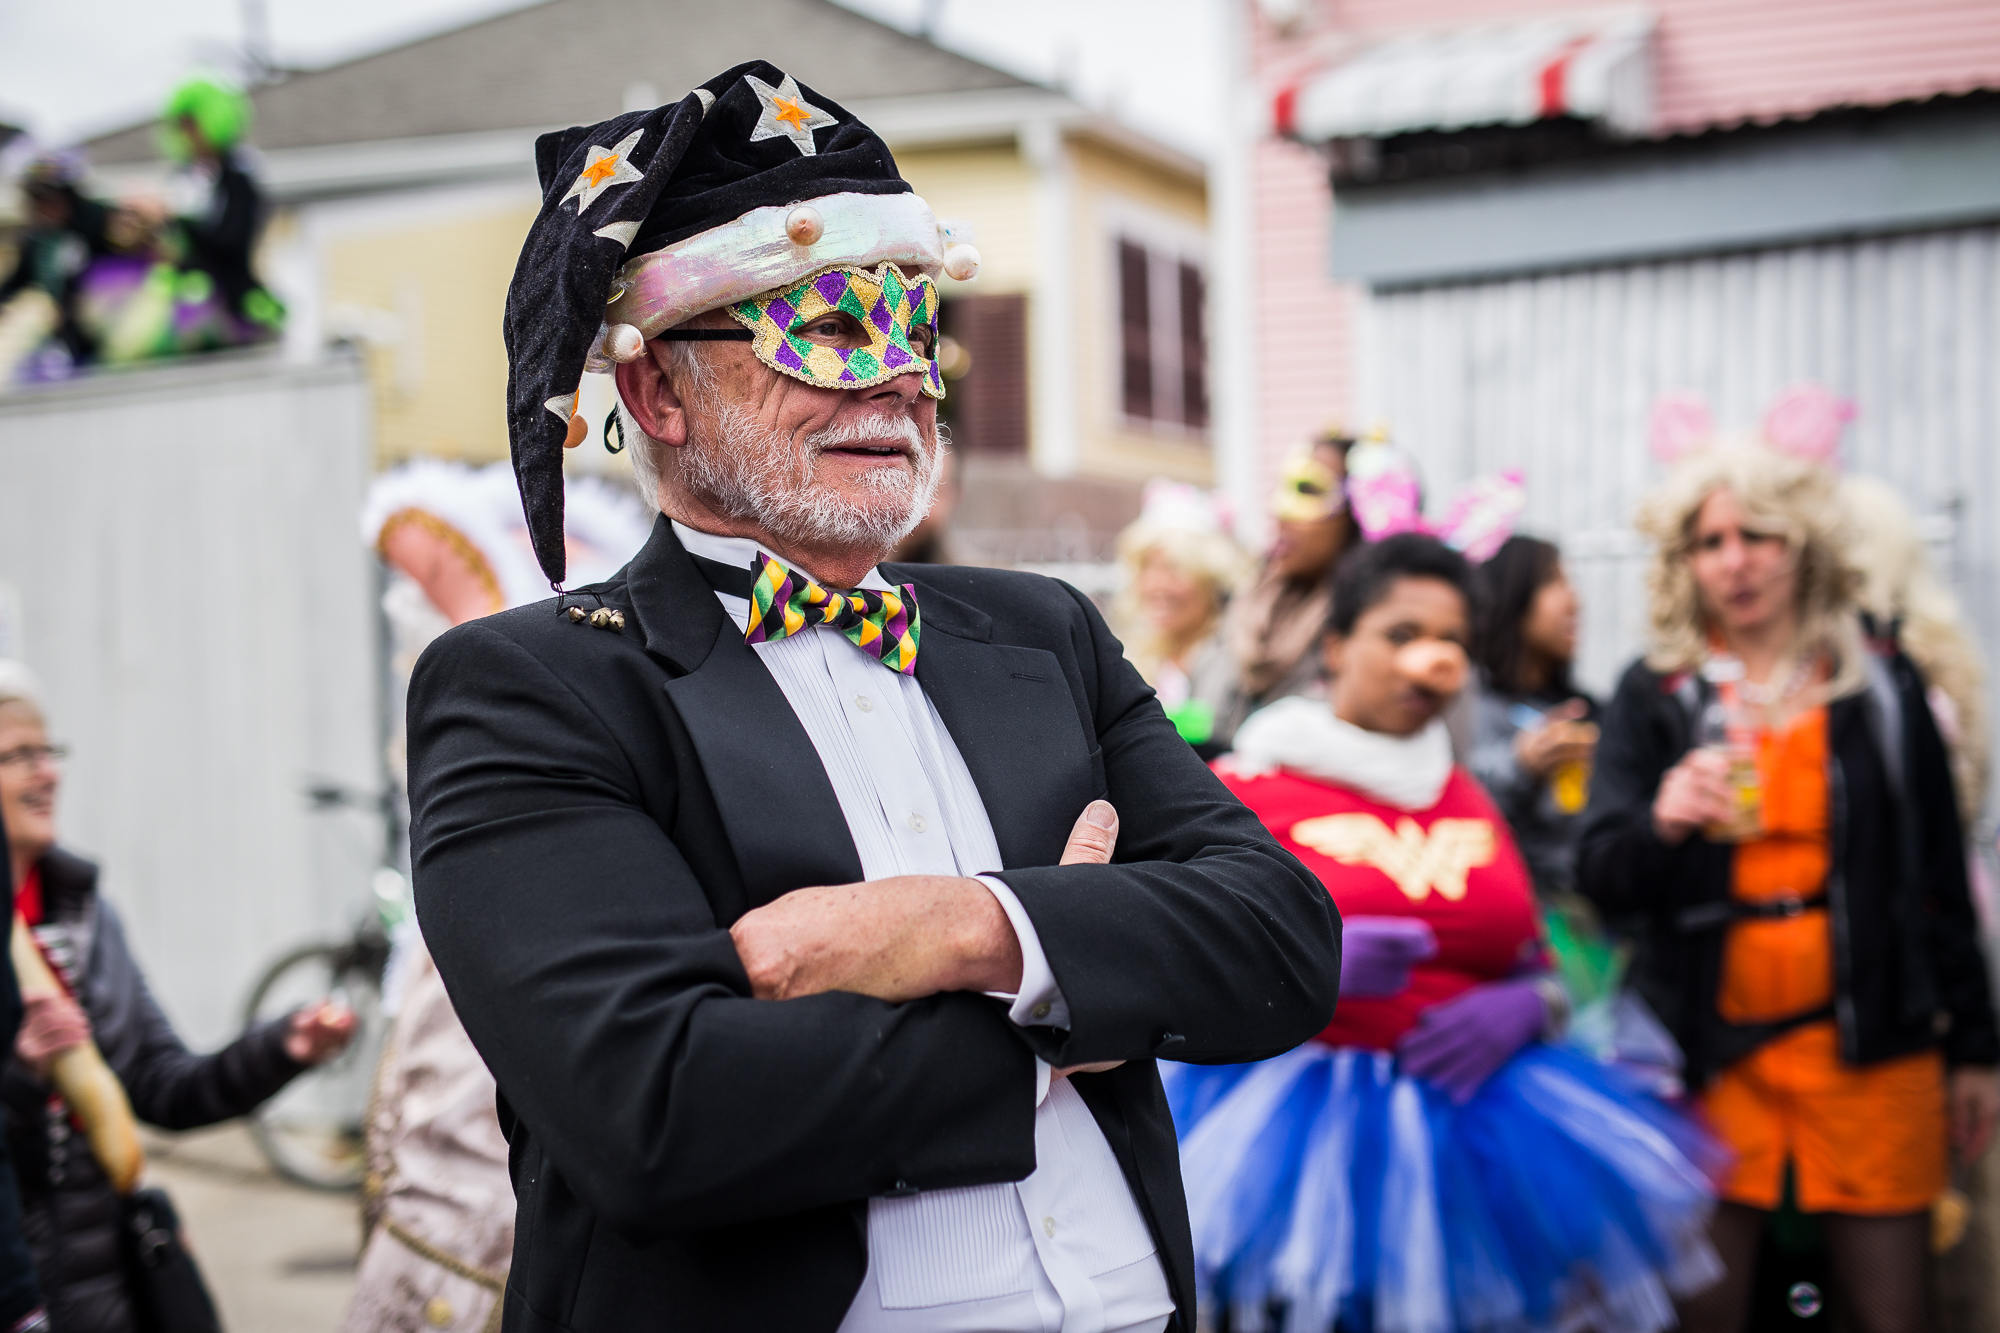 20150217_mardi gras-6.jpg